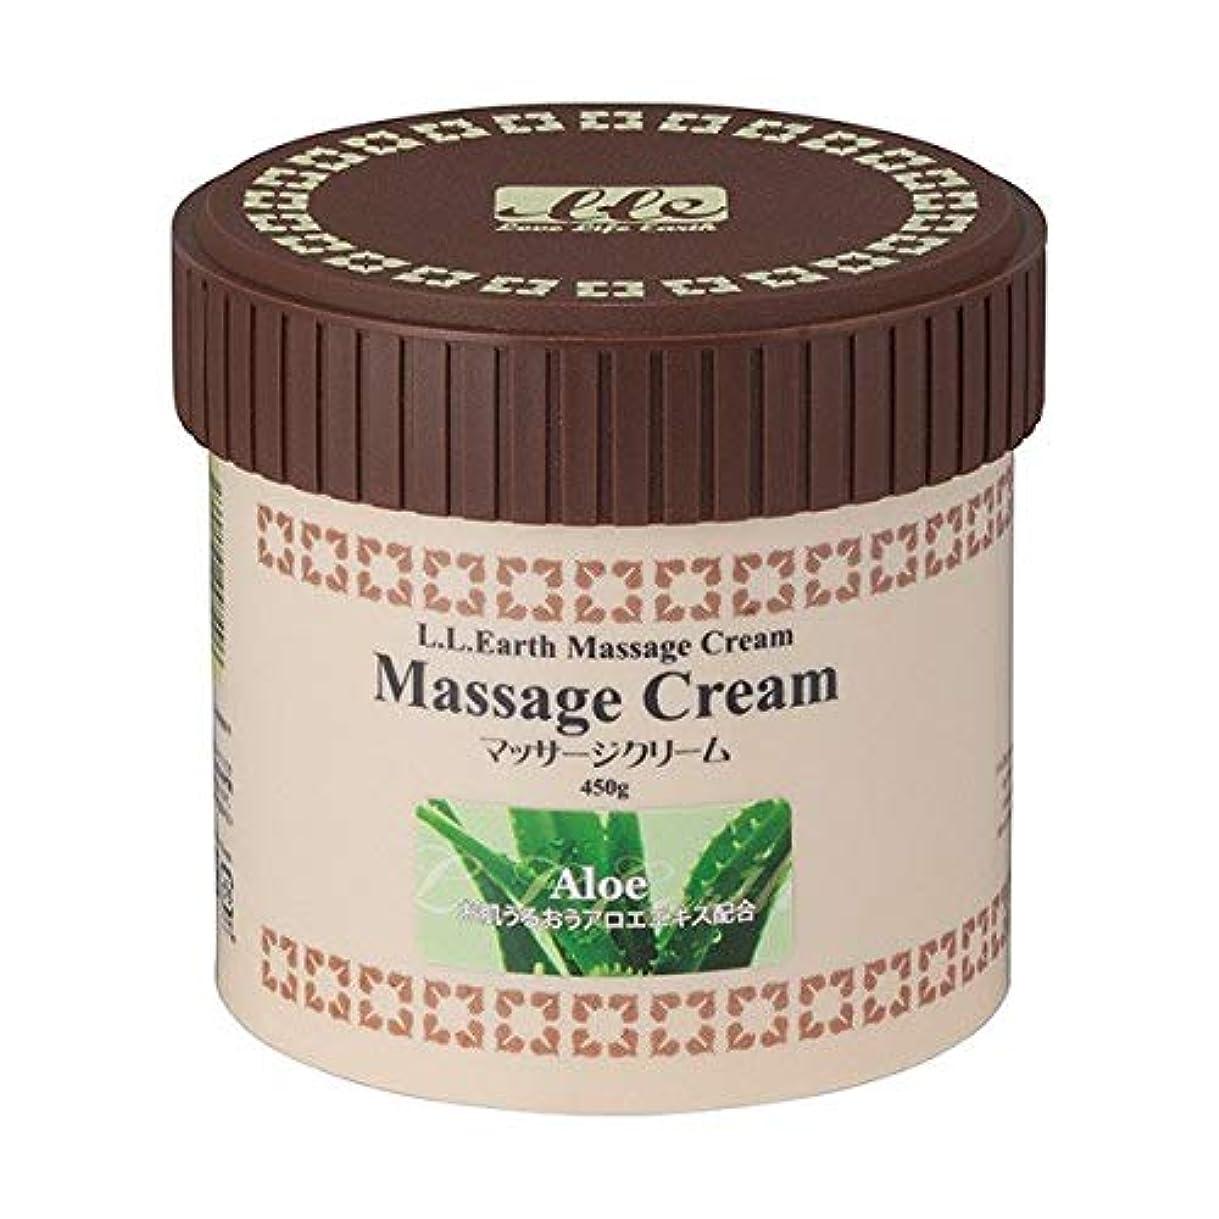 知らせる約設定コートLLE ミネラルマッサージクリーム 業務用 450g (アロエ) マッサージクリーム エステ用品 サロン用品 リラクゼーション